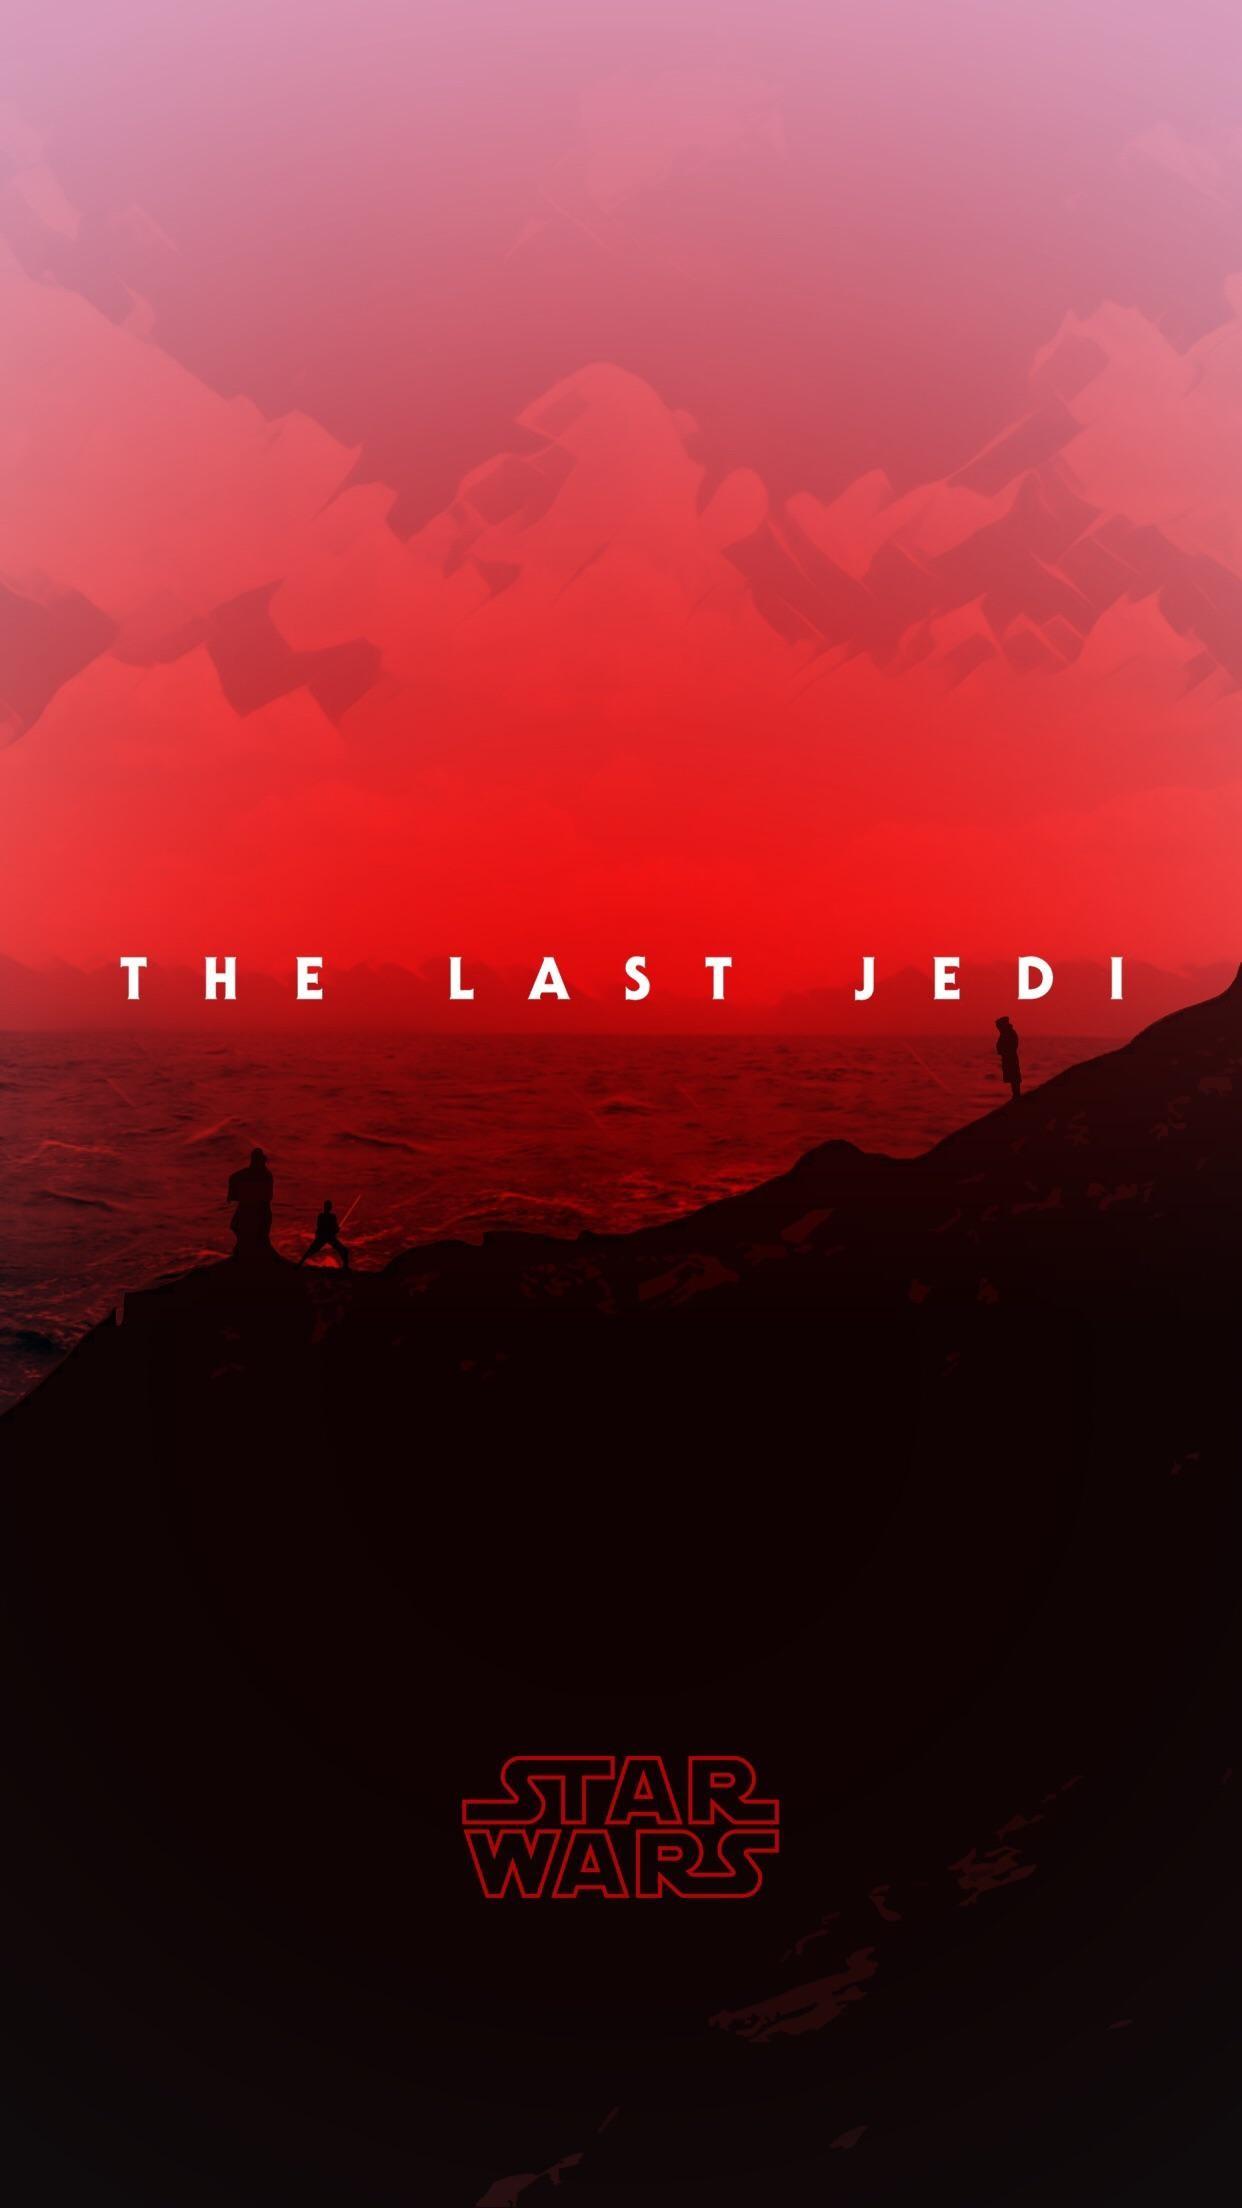 Star wars jedi wallpapers 68 images - Star wars the last jedi wallpaper ...